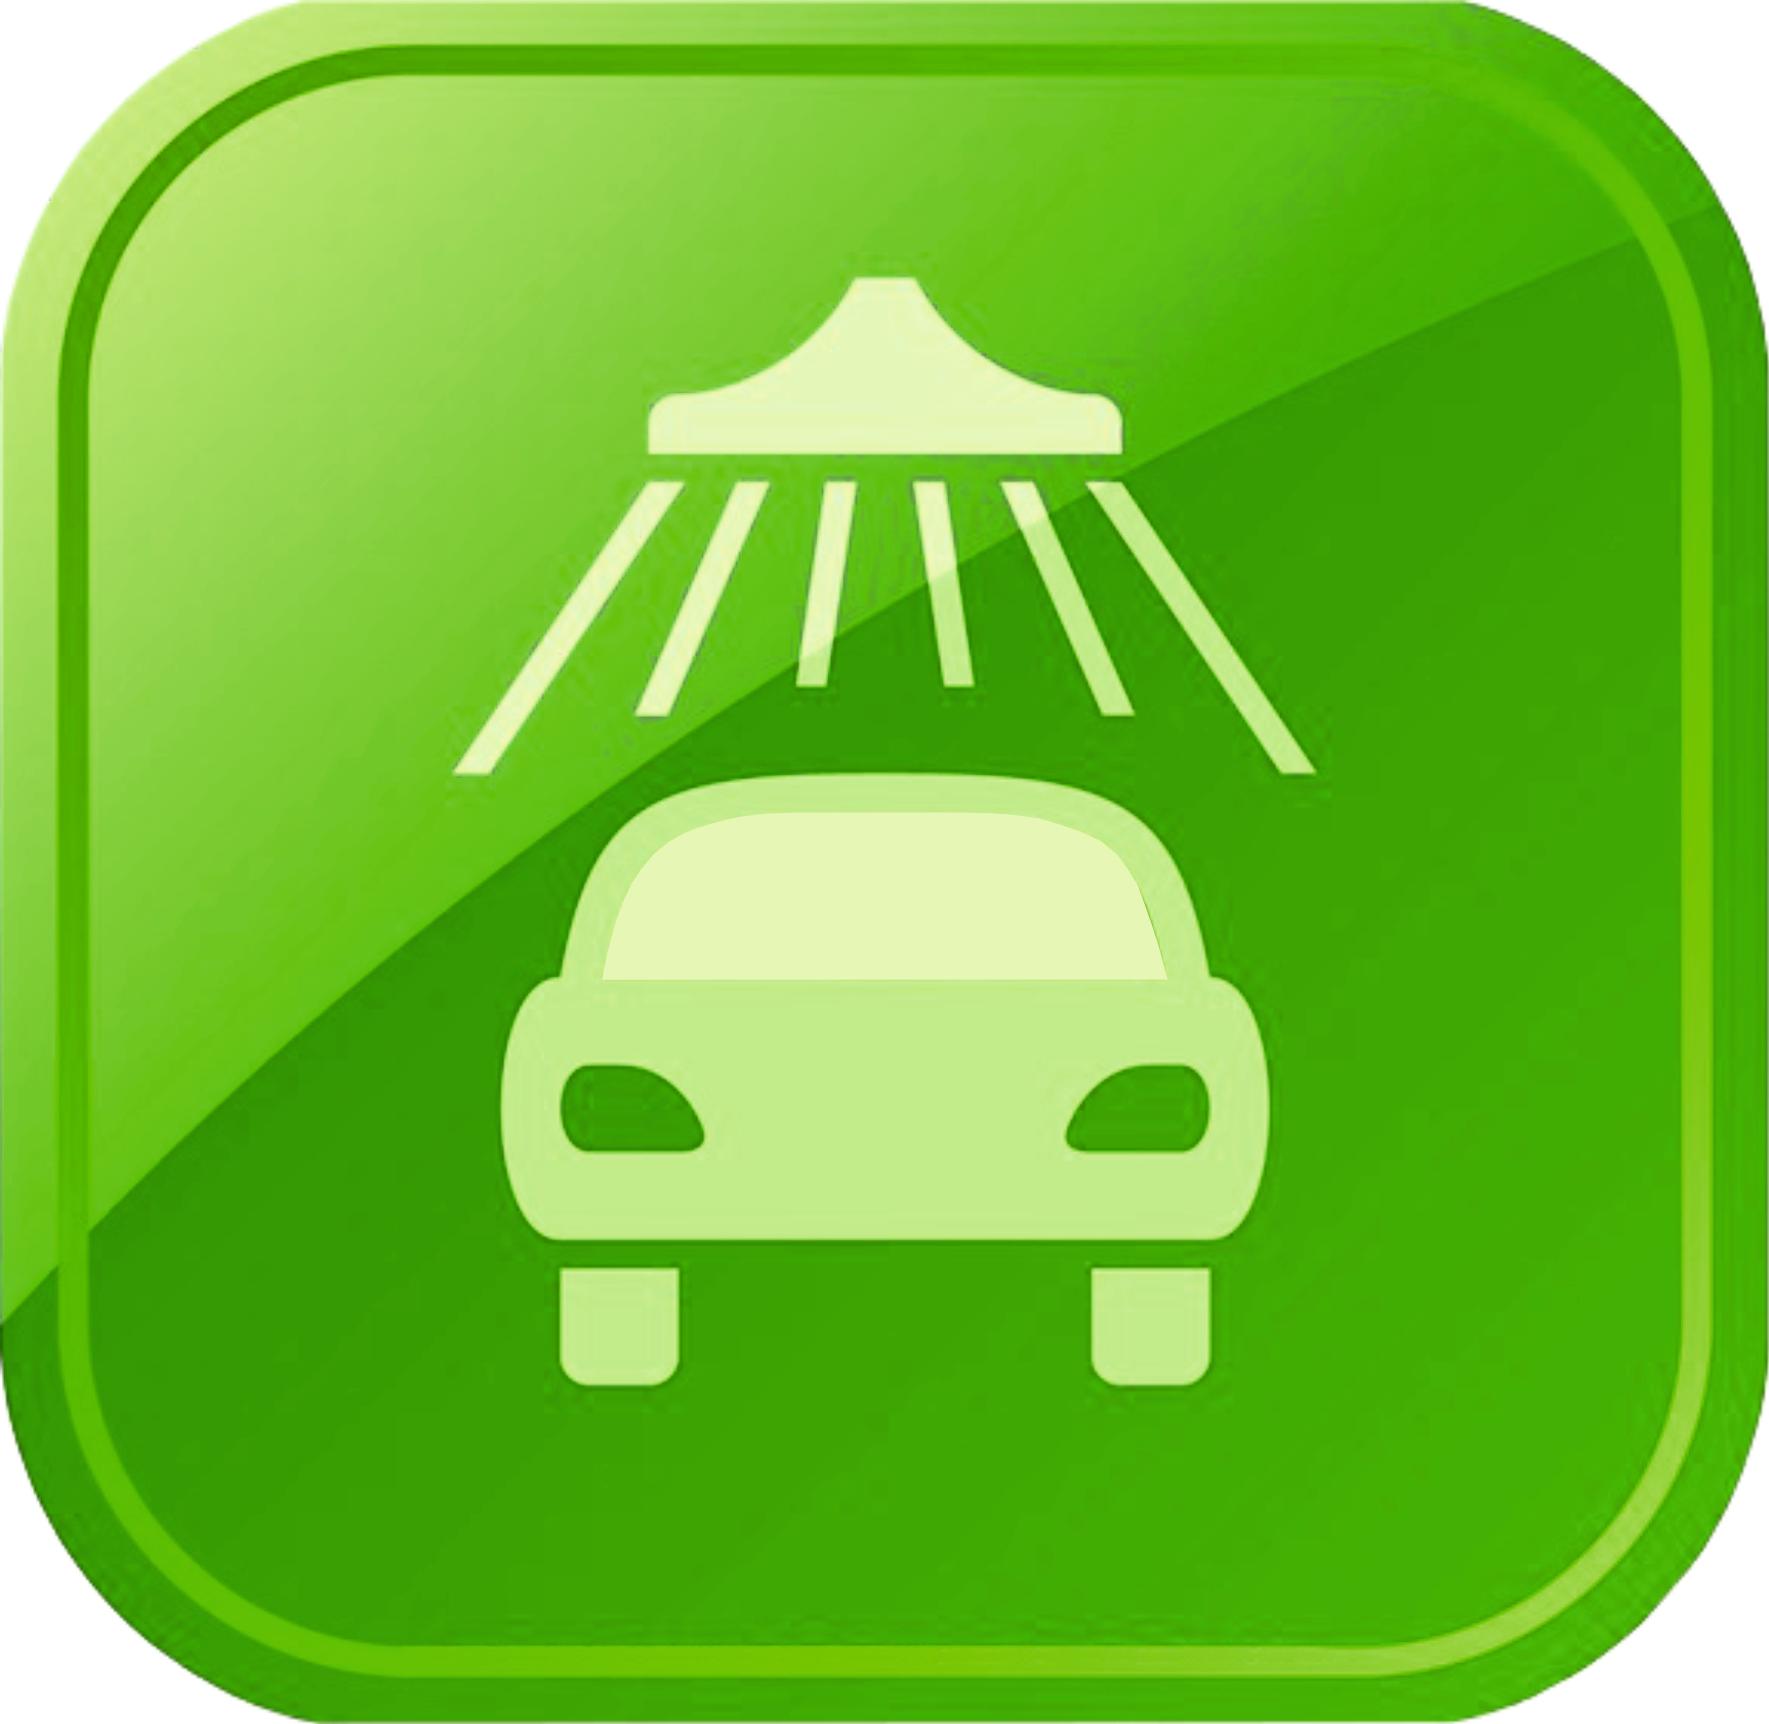 На конкурсе start-up проектов победил сервис для управления и поиска автомоек.